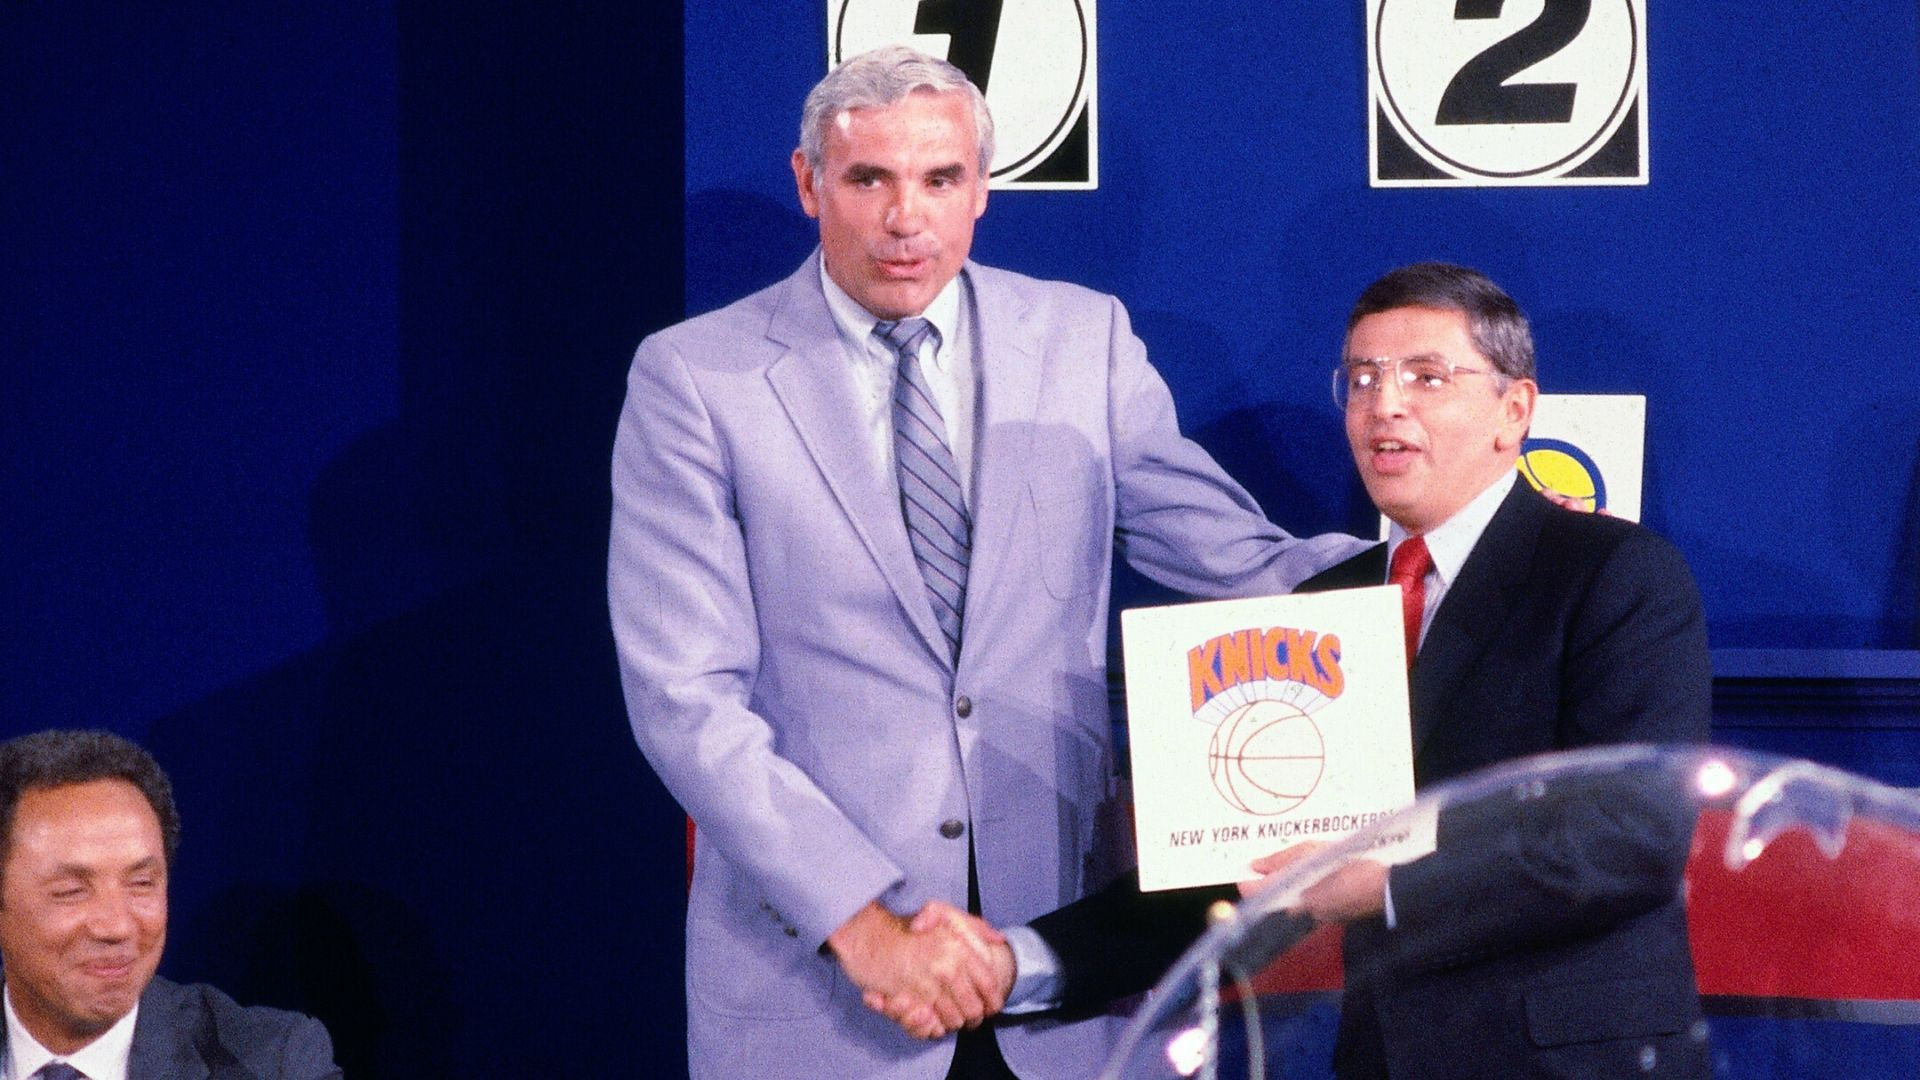 Как Стерн спас лигу в 1985 году или кража Юинга в Нью-Йорк